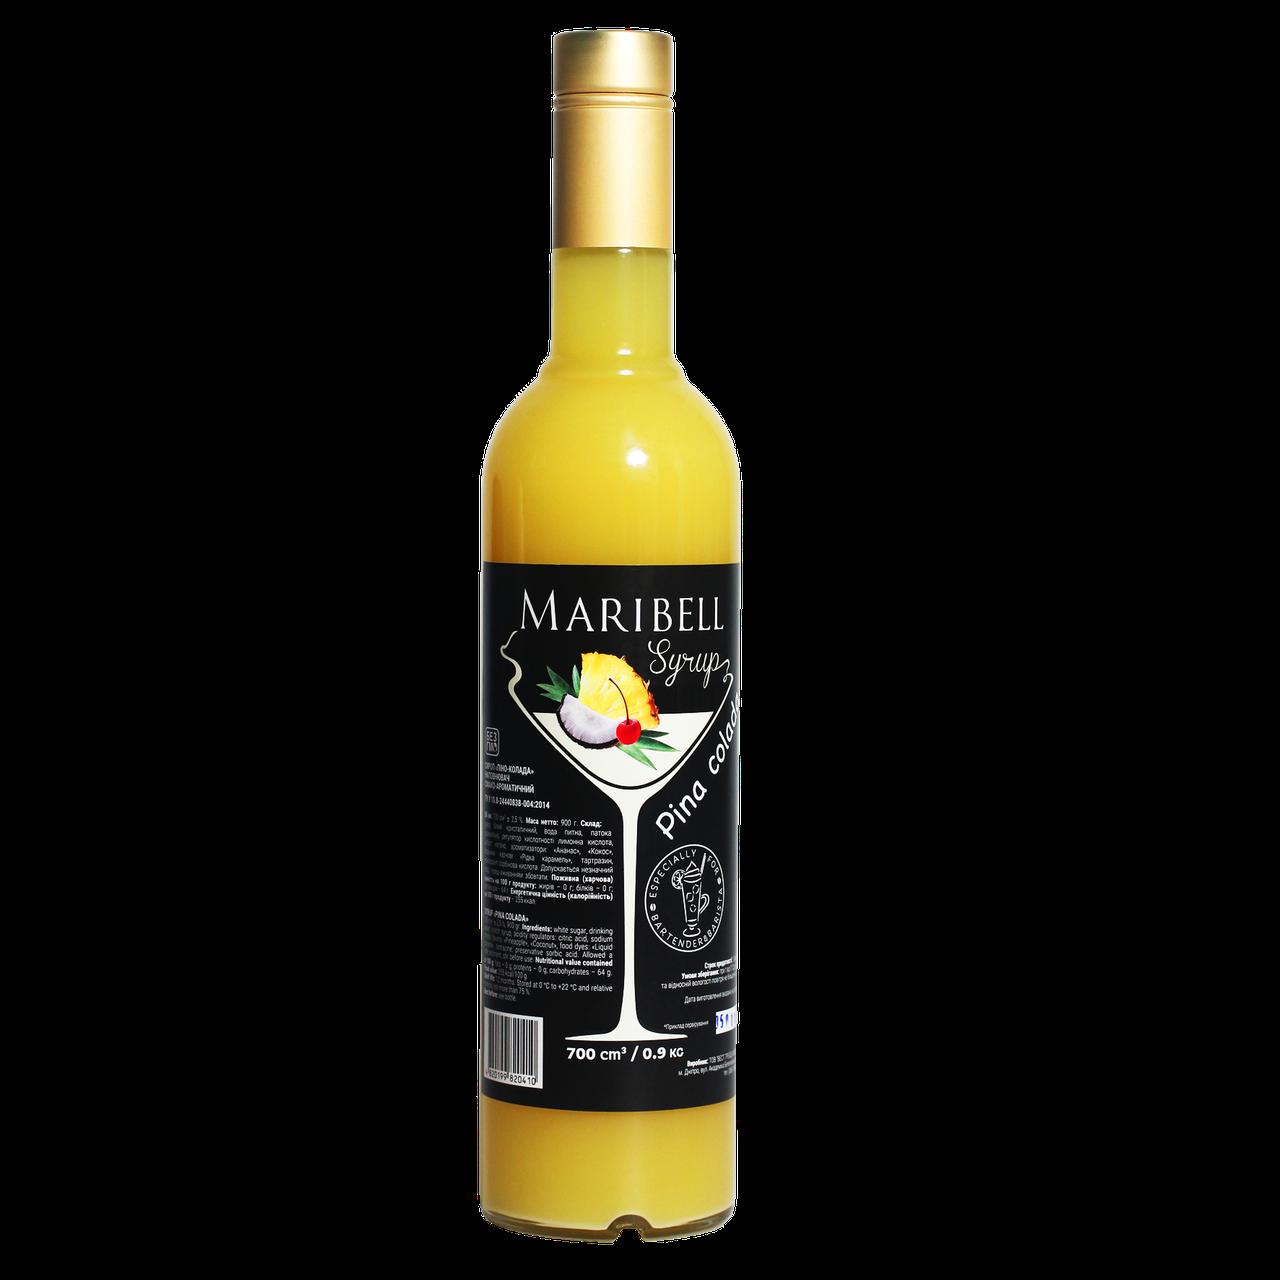 """Сироп коктейльний Maribell """"Піно-колада"""" 700мл"""